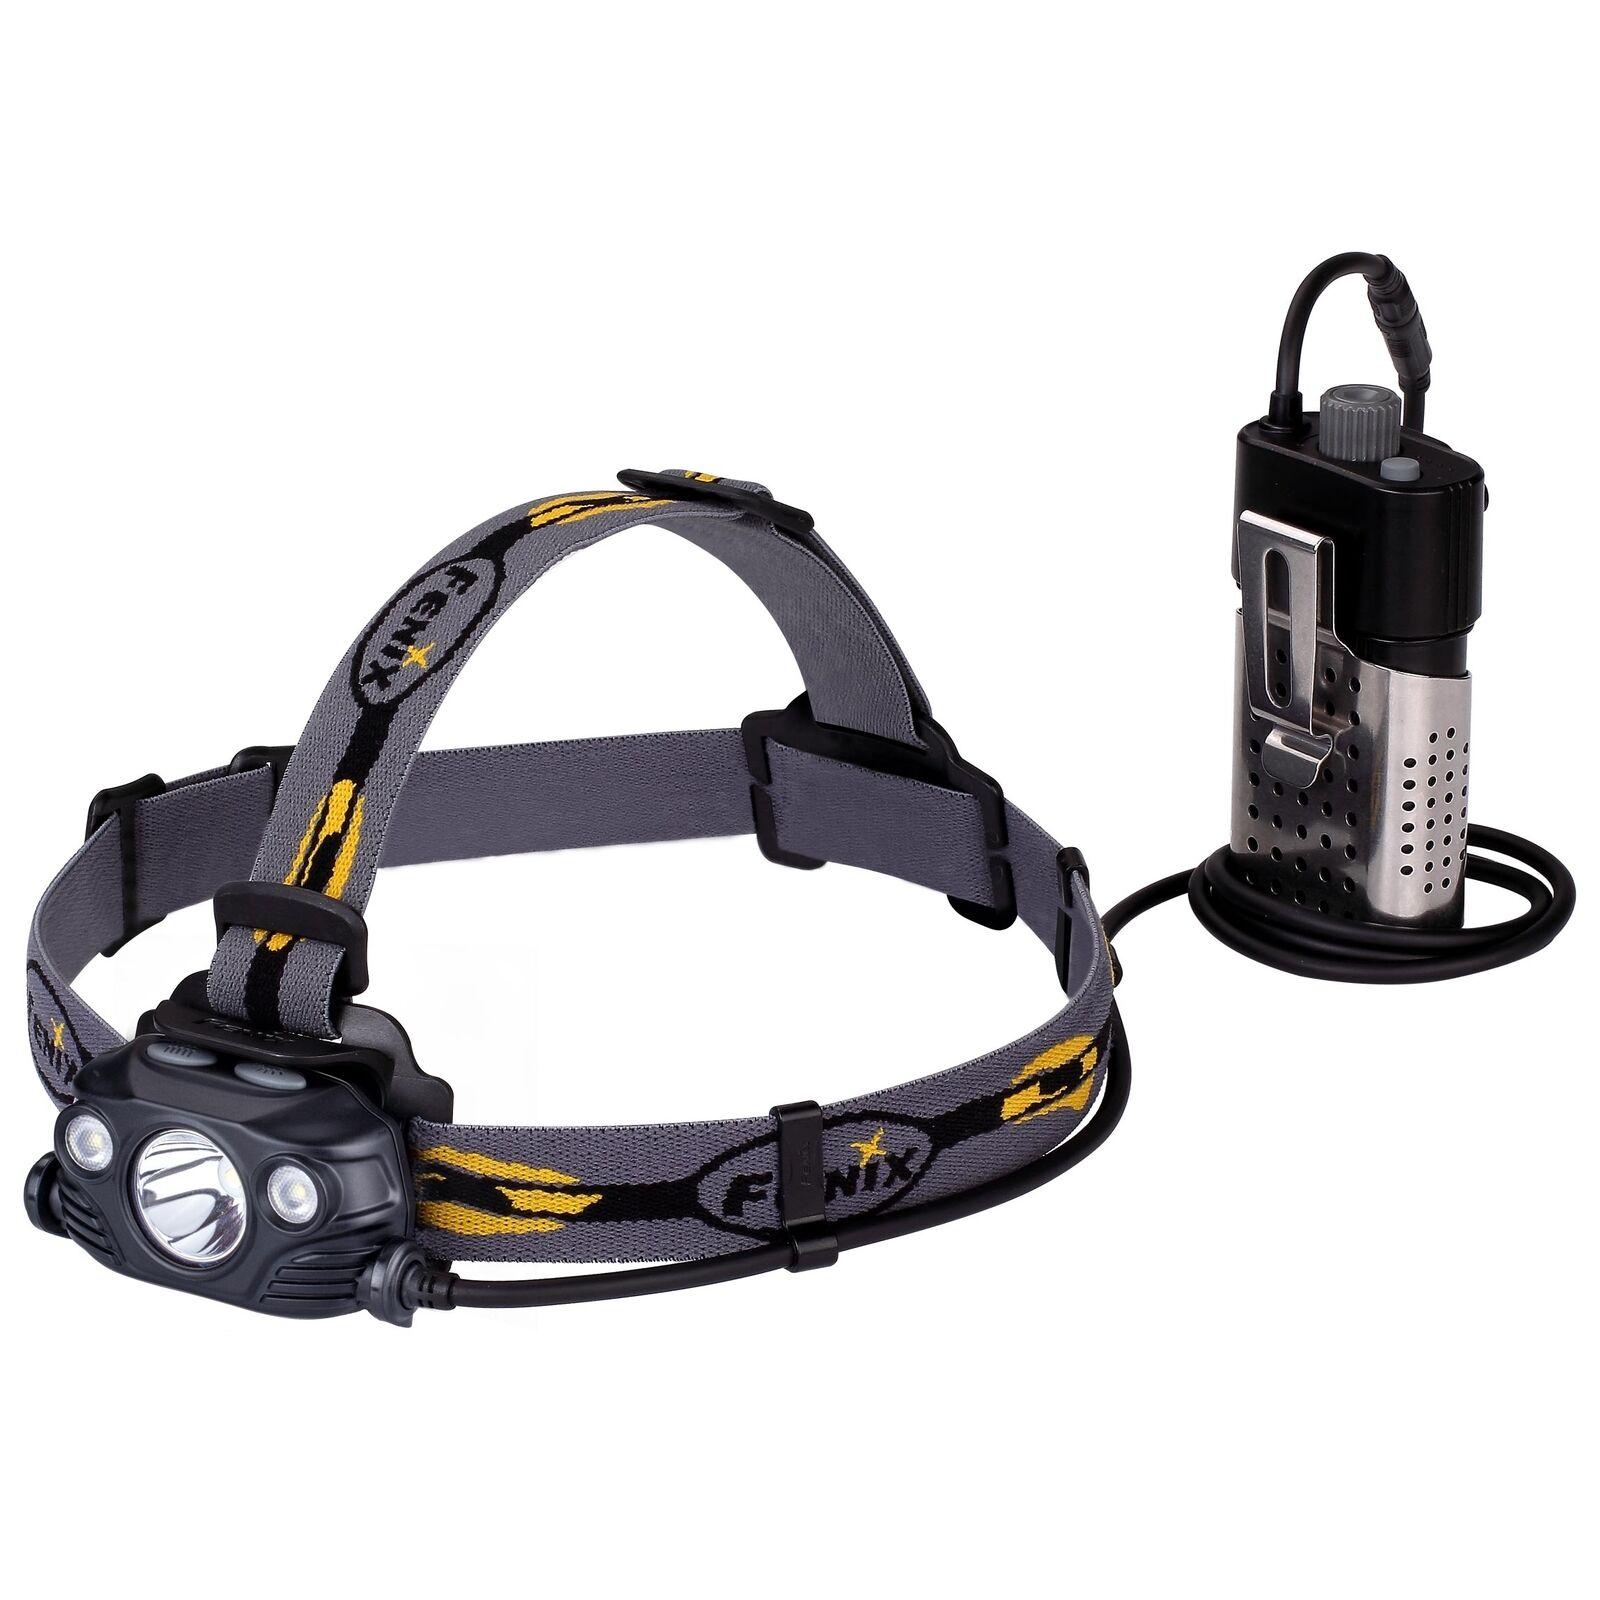 Fenix HP30R LED Stirnlampe 1750 Lumen mit 2x 2600mAh 18650 Akkus Schwarz  | Clever und praktisch